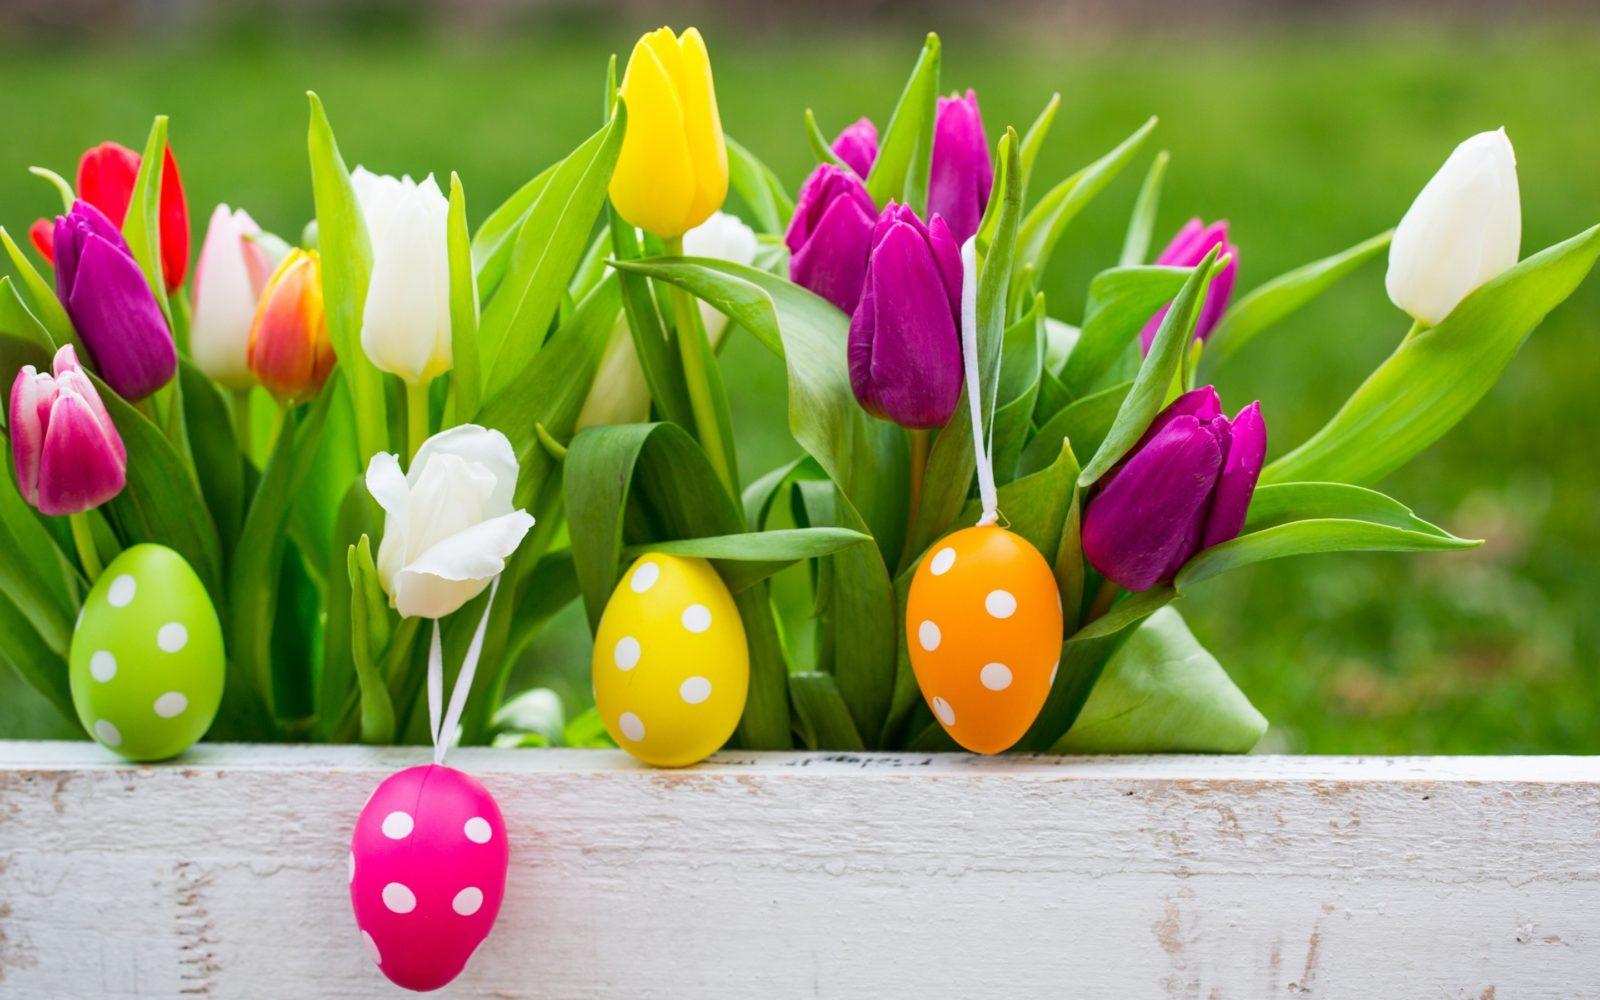 Immagini Buona Pasqua: 16 immagini di auguri da inviare l'1 Aprile 2018